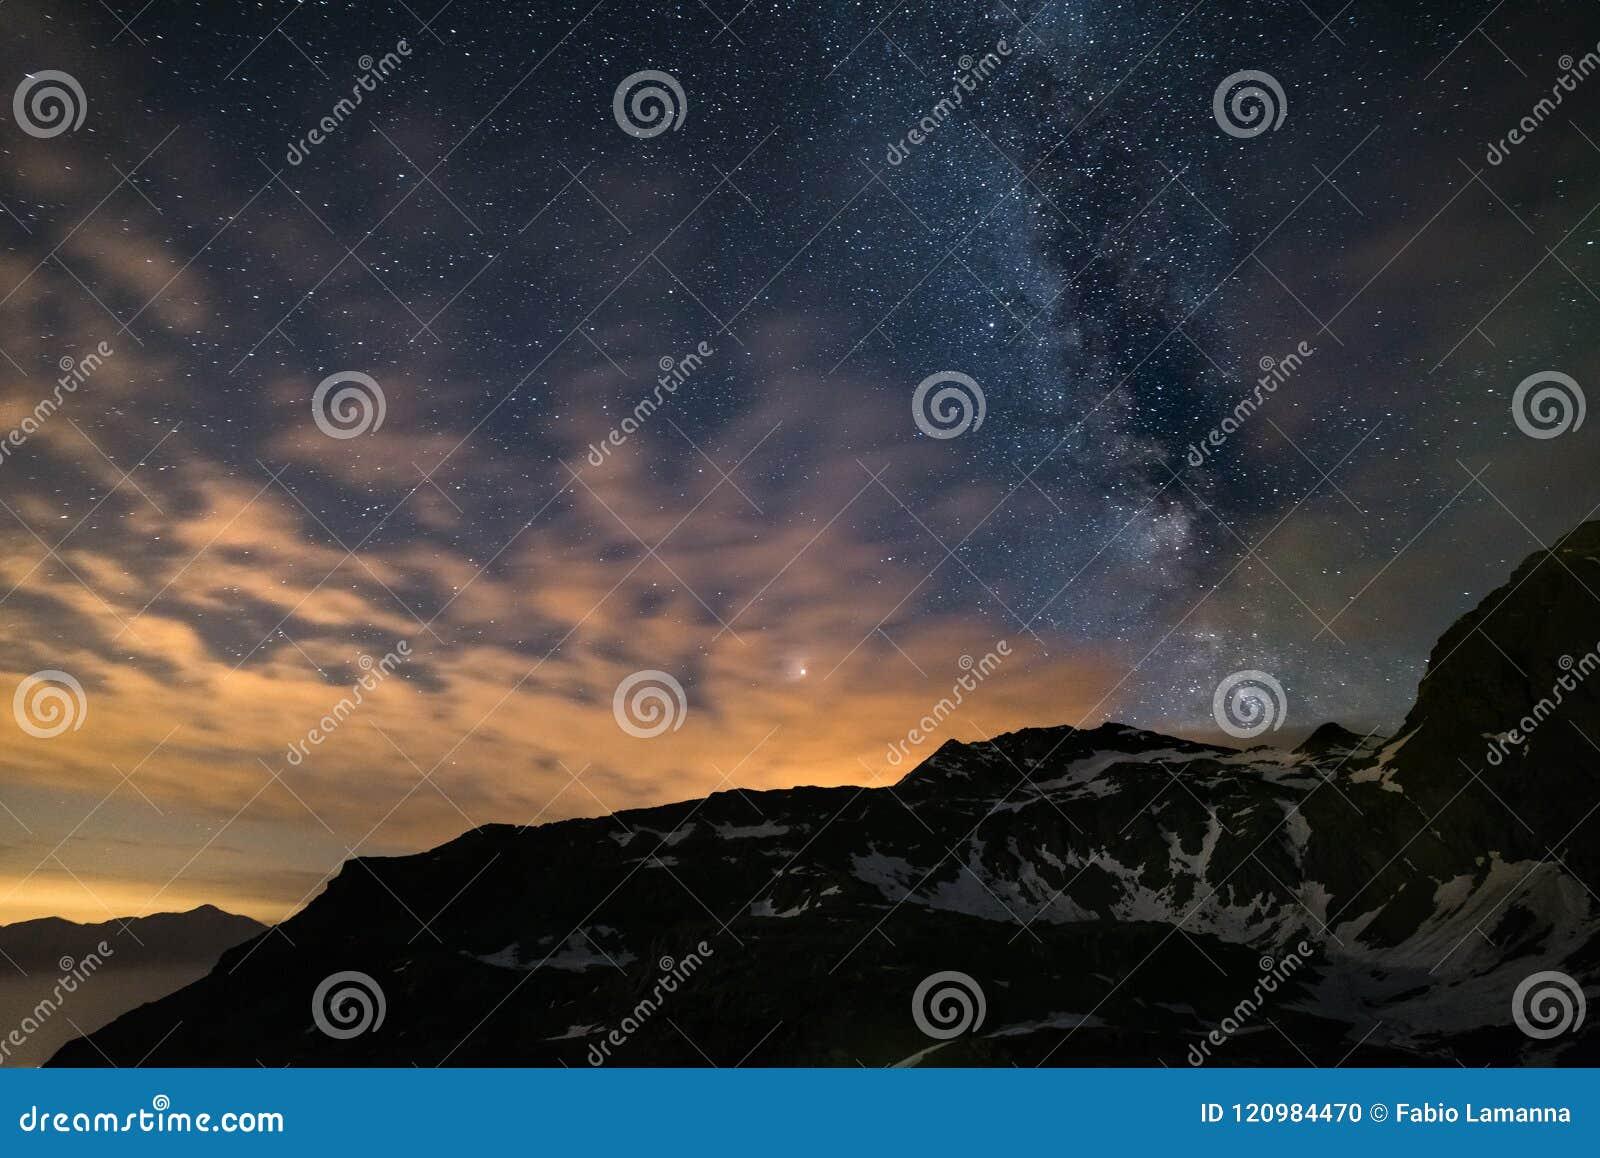 Le ciel nocturne d Astro, galaxie de manière laiteuse se tient le premier rôle au-dessus des Alpes, le ciel orageux, planète de M